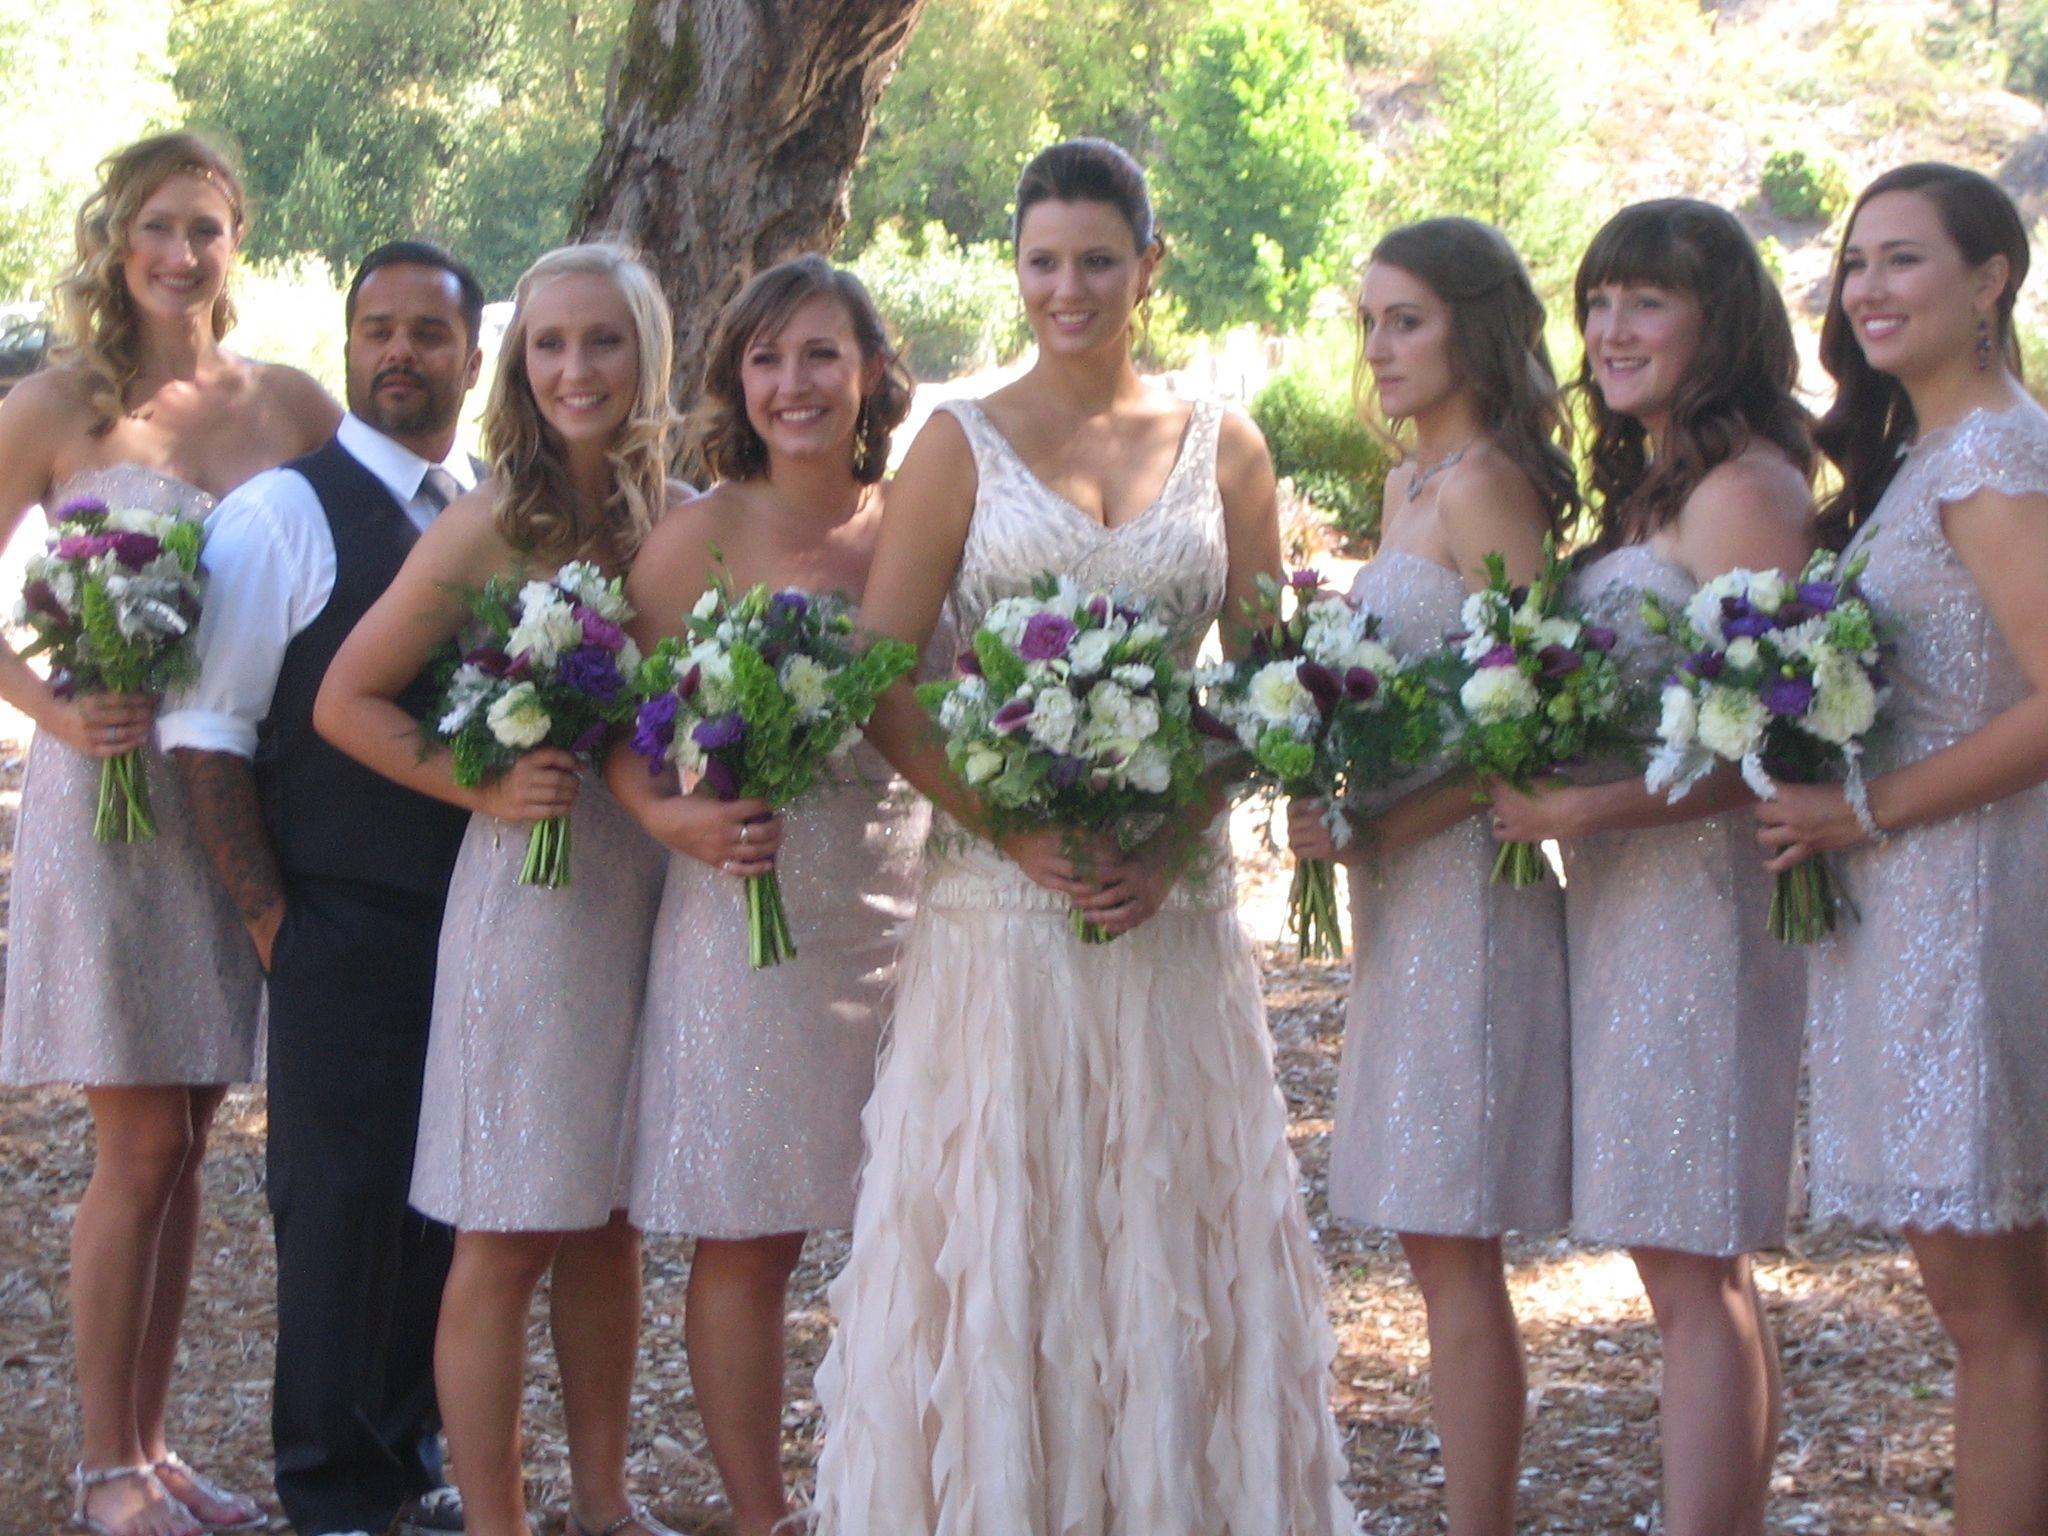 bridesmaids lineup